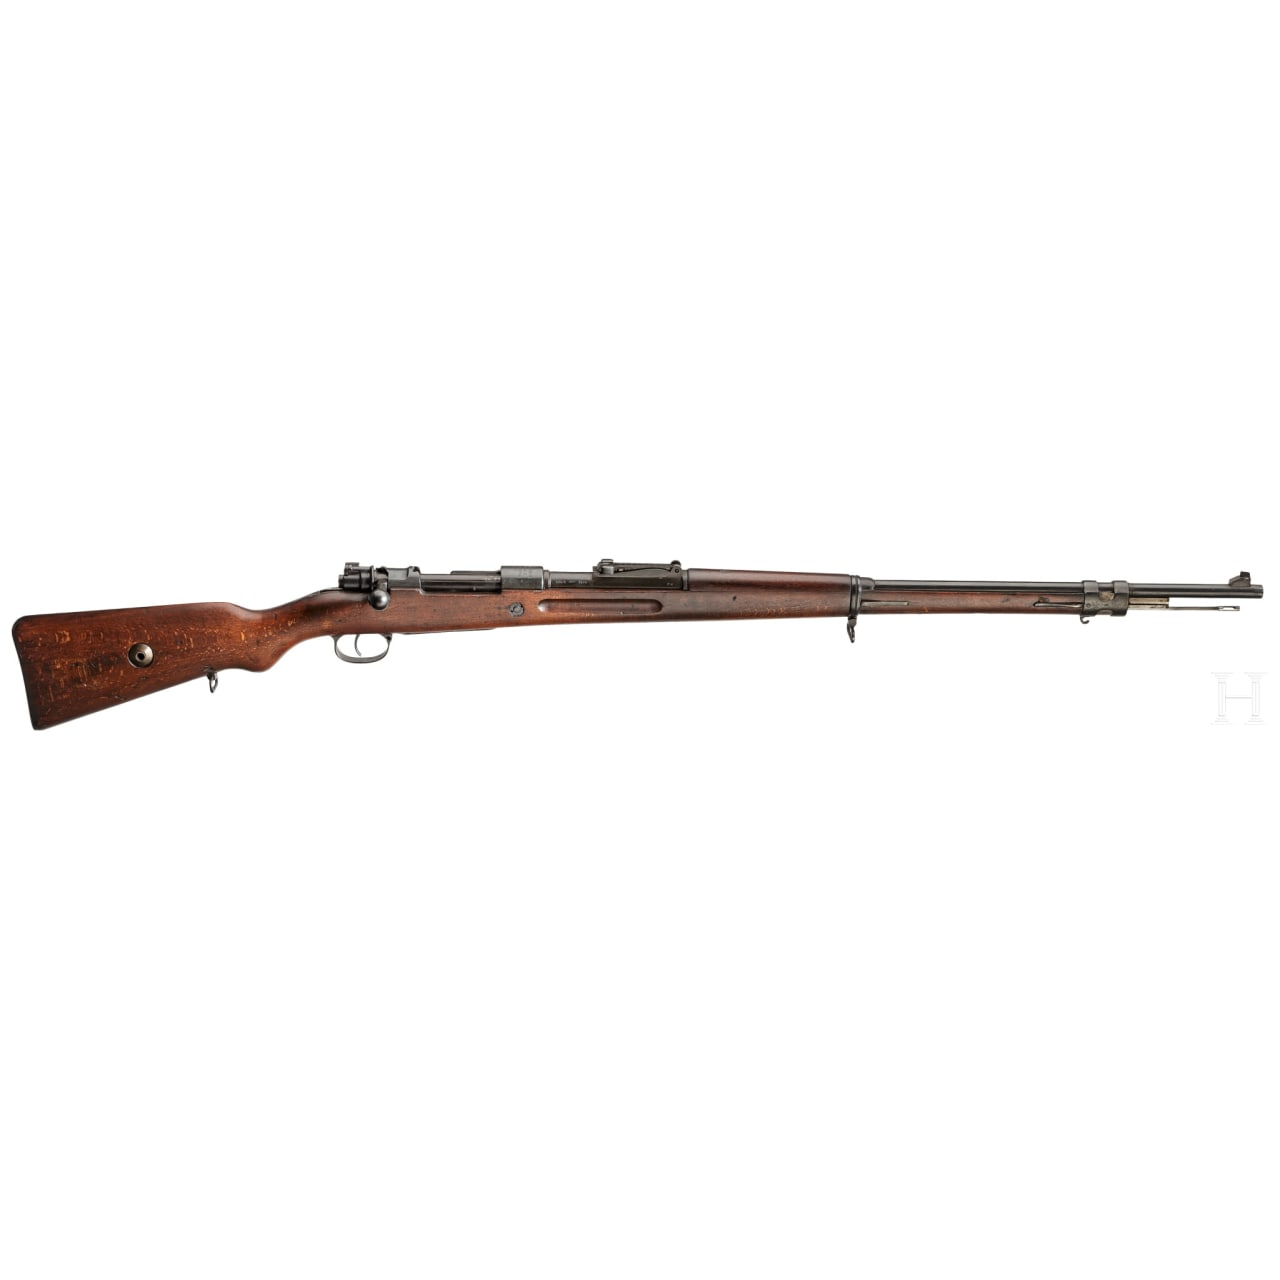 Gewehr 98, Mauser 1920 - 1917, Reichswehr